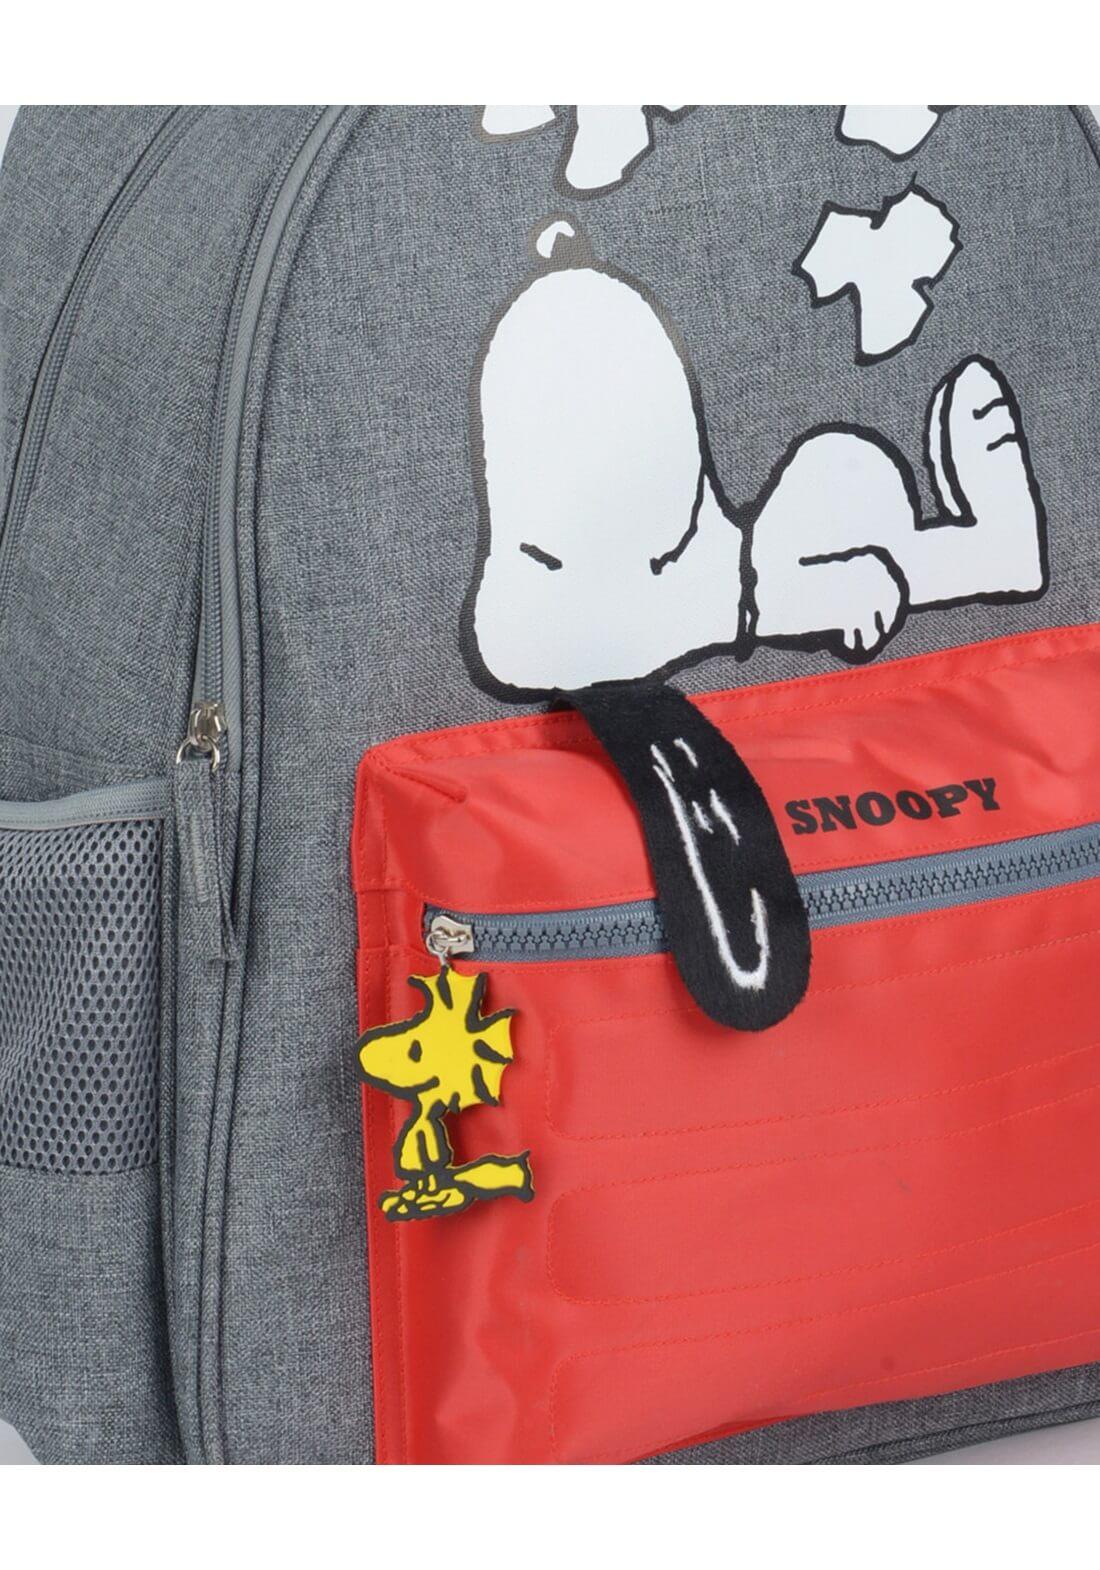 Mochila De Costas Snoopy Orelhinha Cinza Vermelha